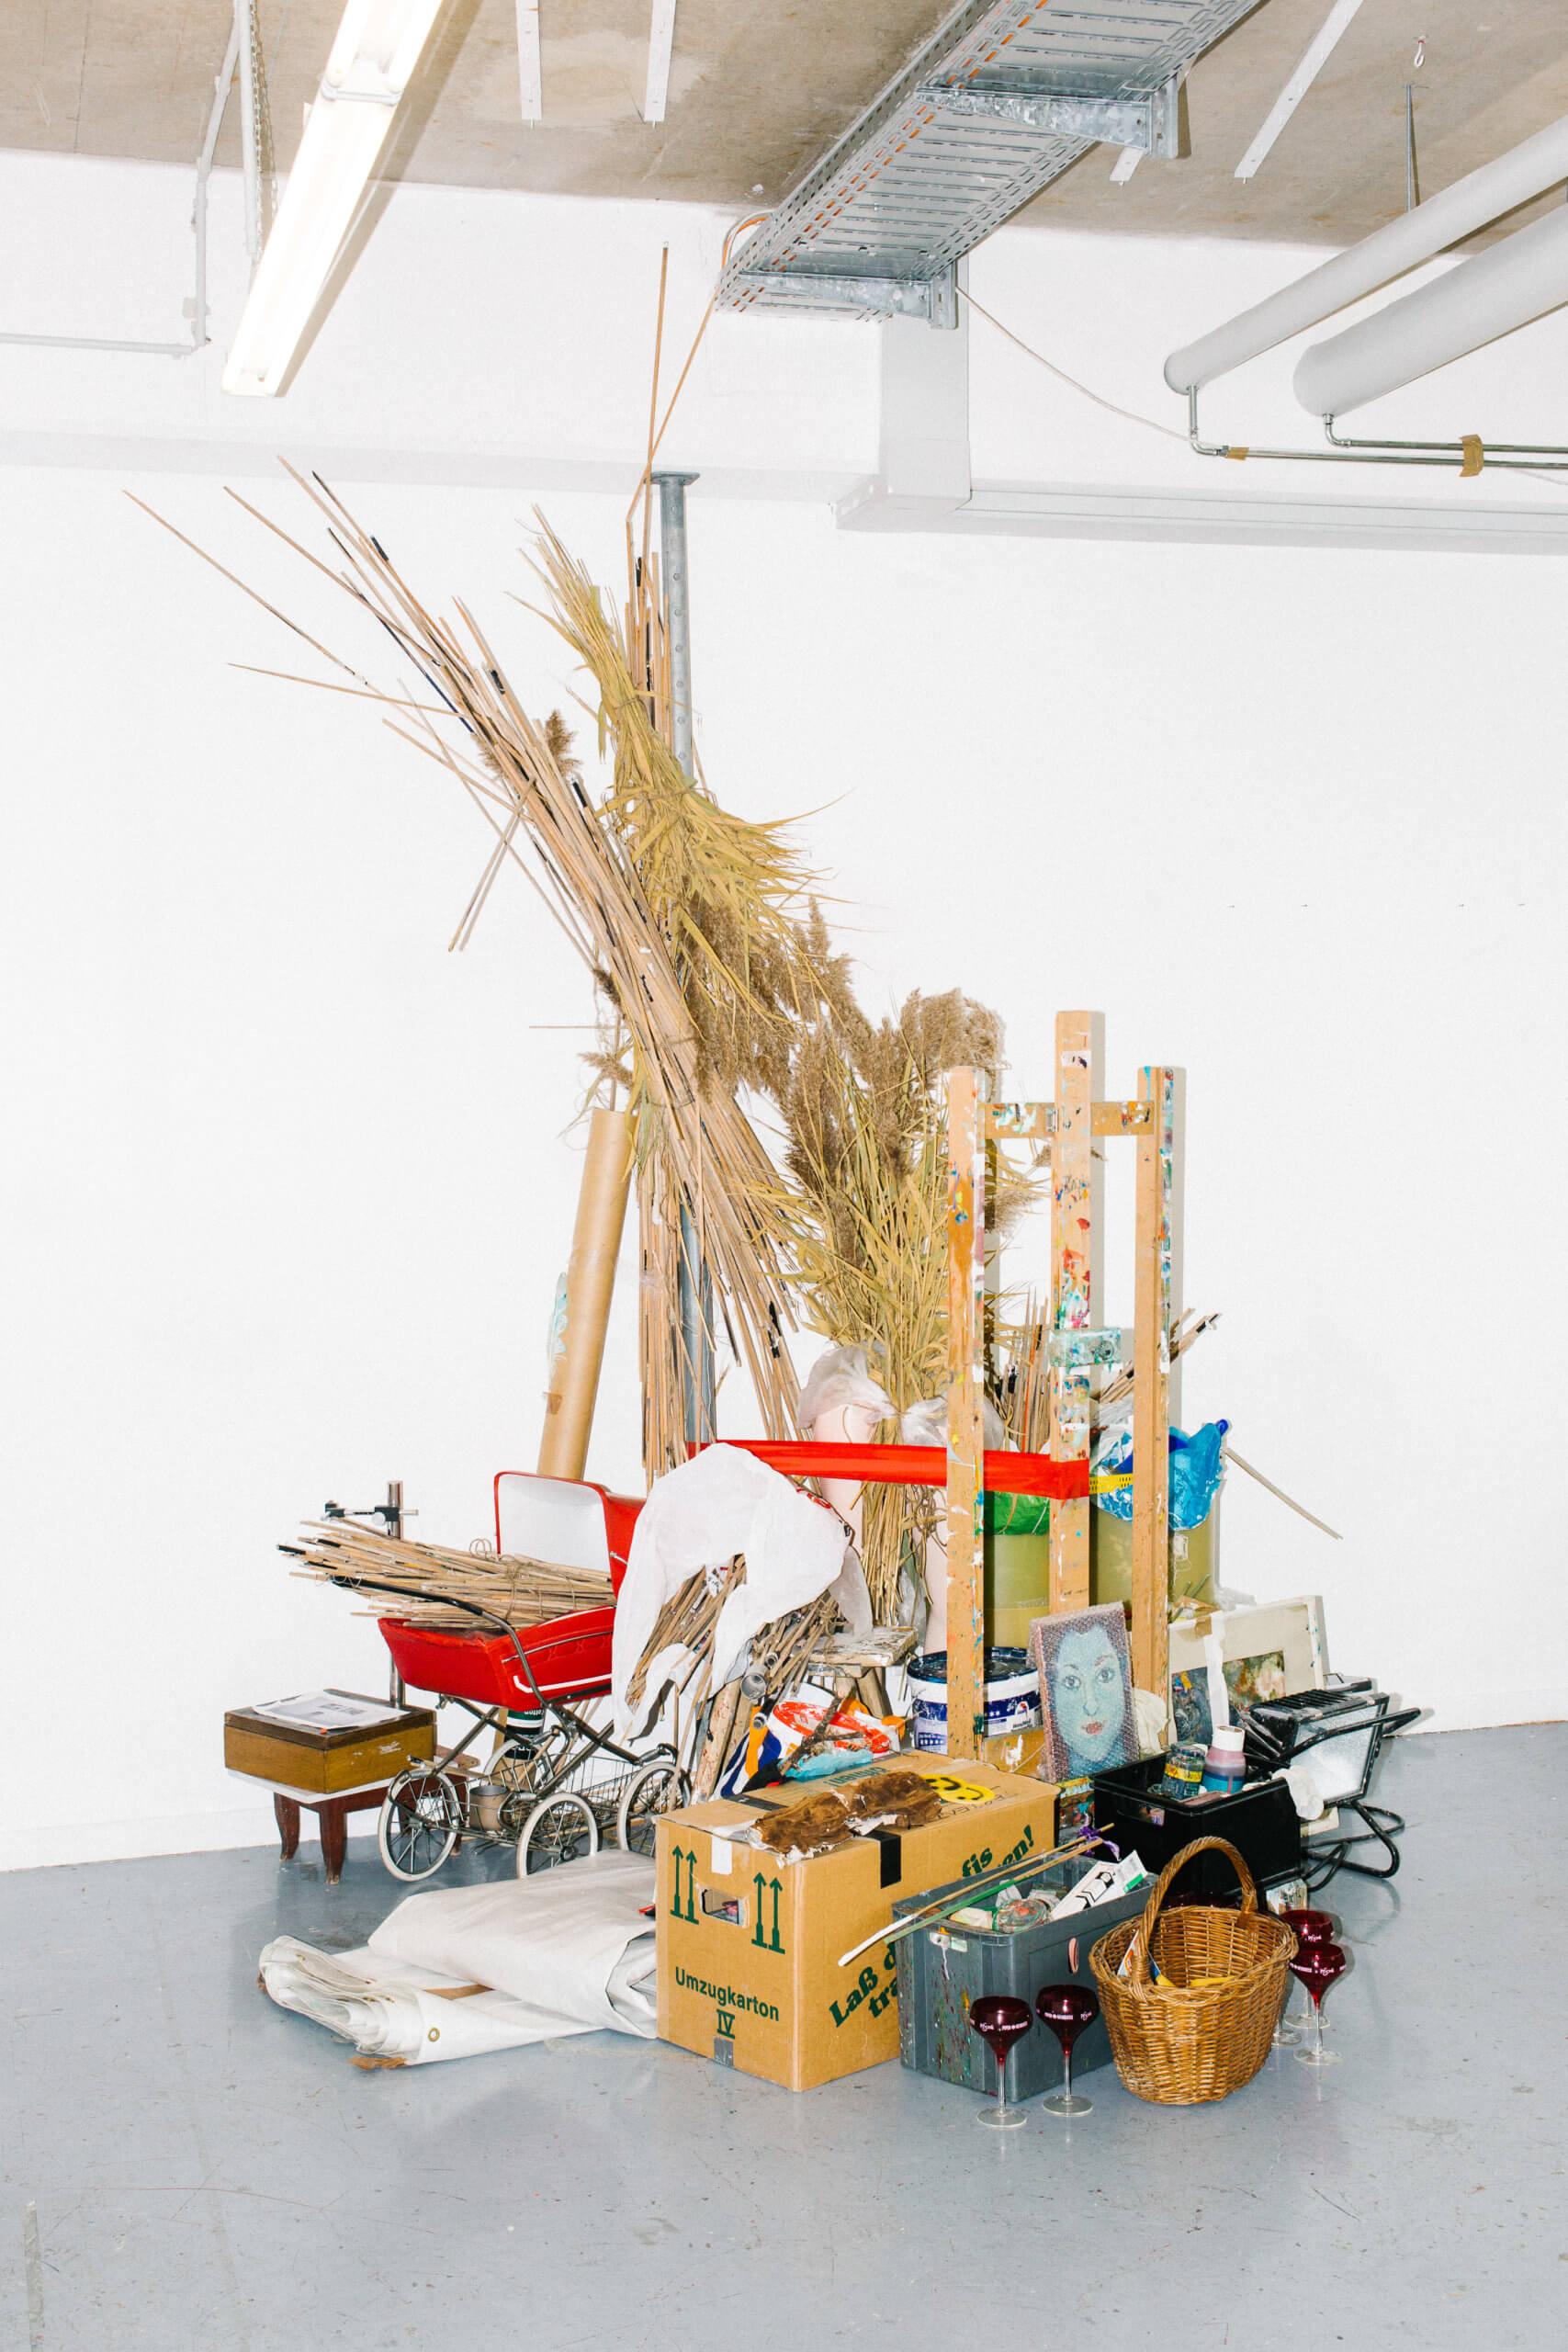 """Die Installation """"Alle meine Werkzeuge"""", aus verschiednen Materialien zusammengestetzt. Eine Pyramide aus Stroh, Holz, Plasik dosen und Kartons. Sie ist 4 meter hoch, 5 meter breit und 3,50 tief und stammt von 2020."""